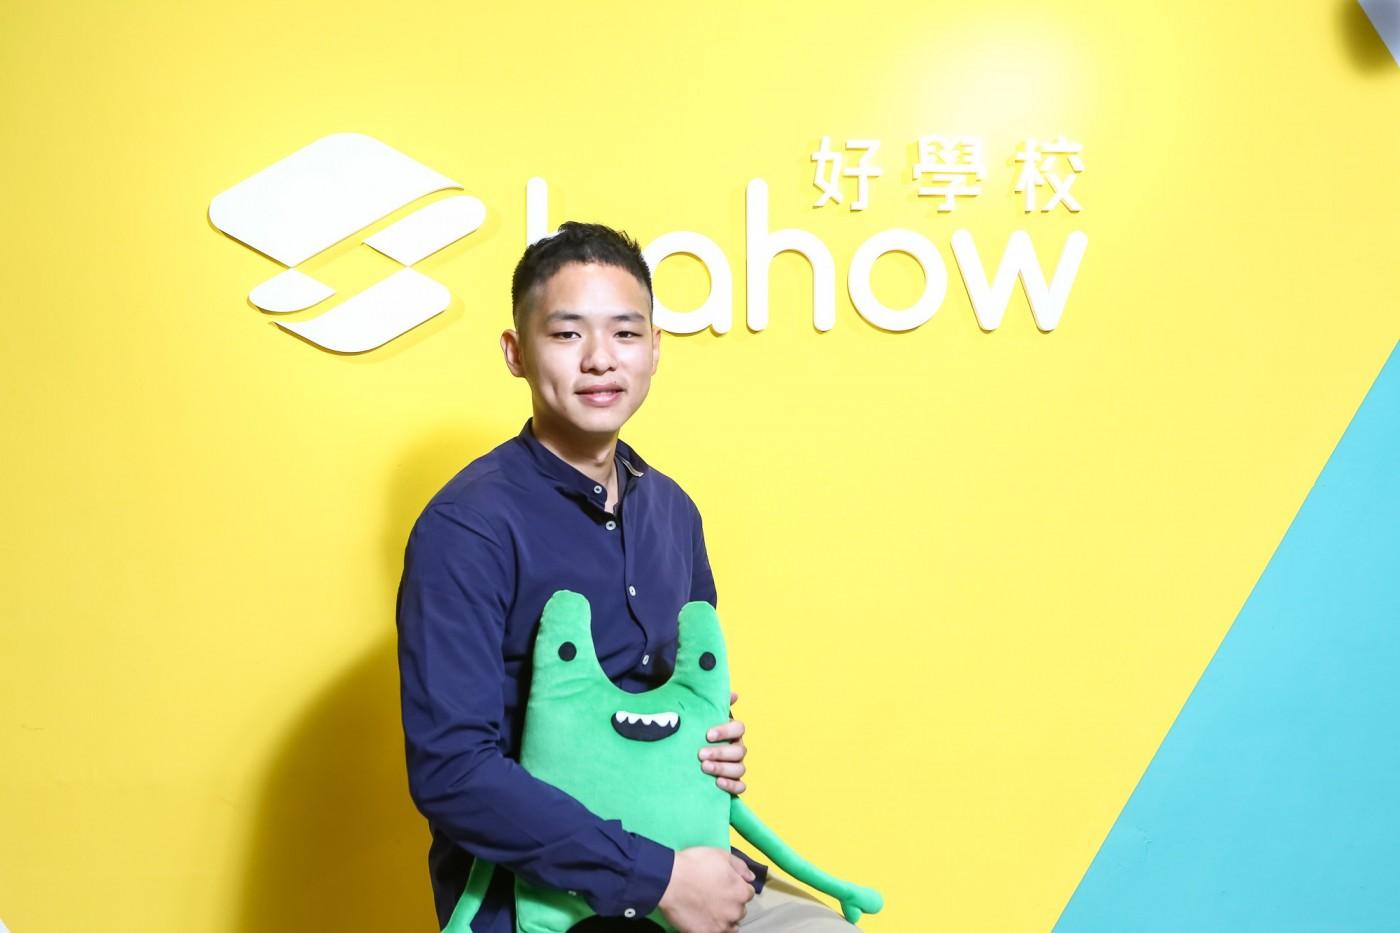 28歲青年鑽研「Python+股市」,開課教學生打造「選股策略」賺進千萬身價